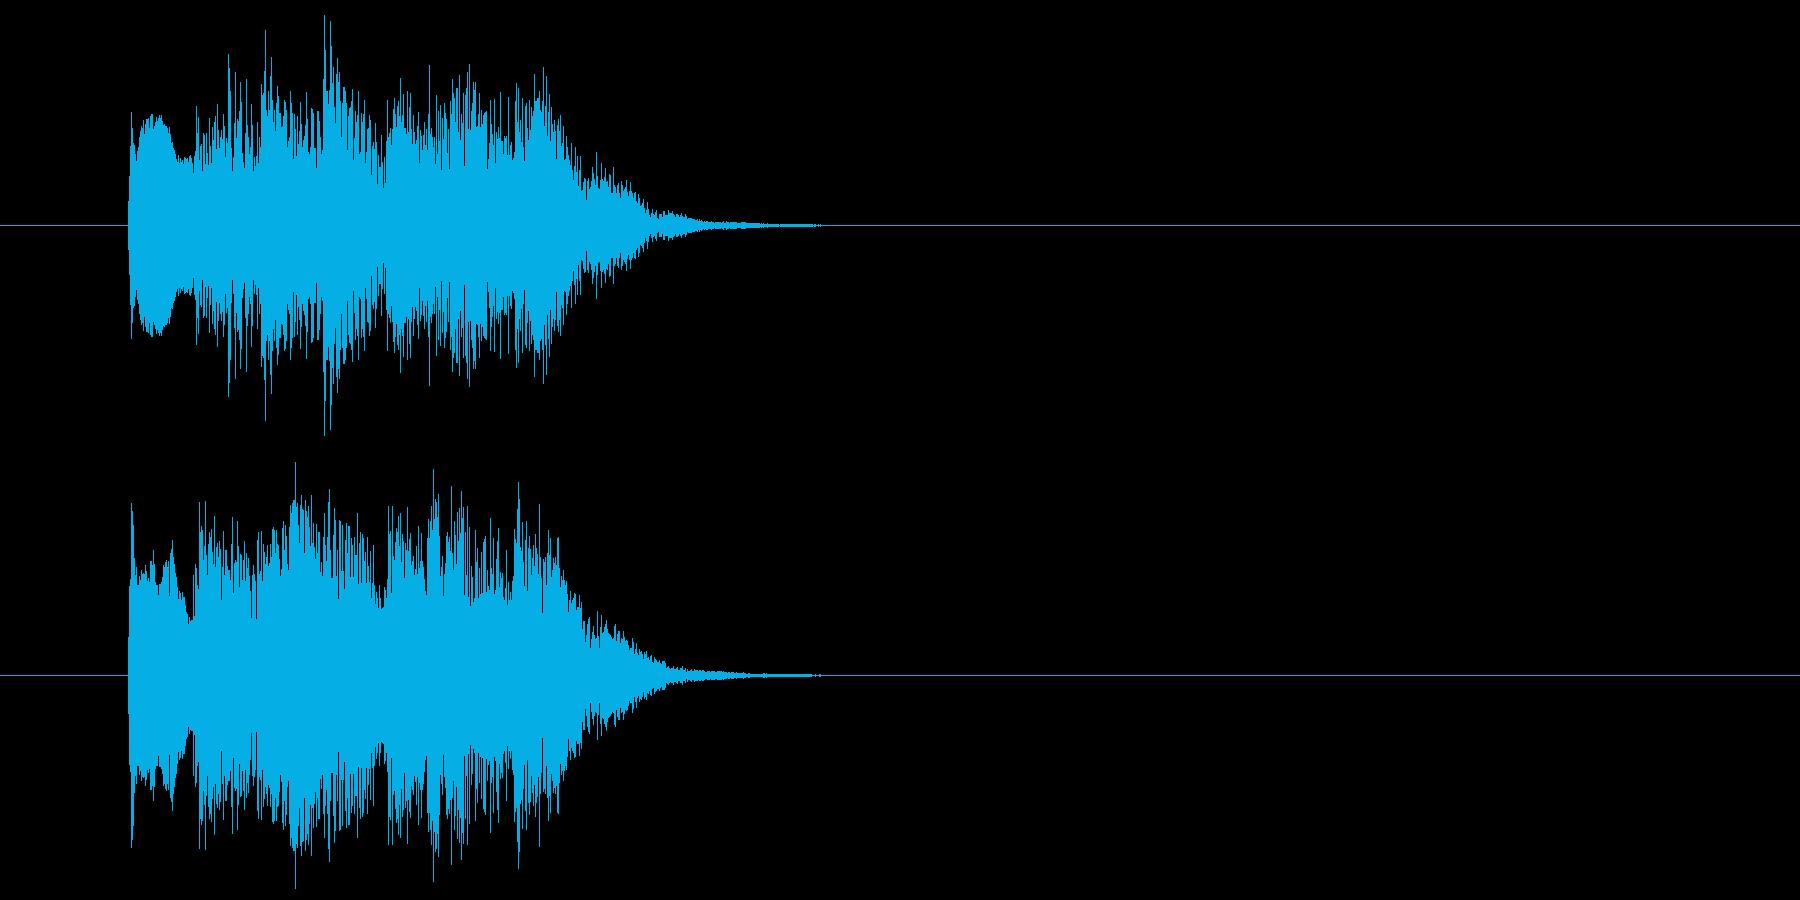 ピアノとシンセサイザーのサウンドロゴ の再生済みの波形